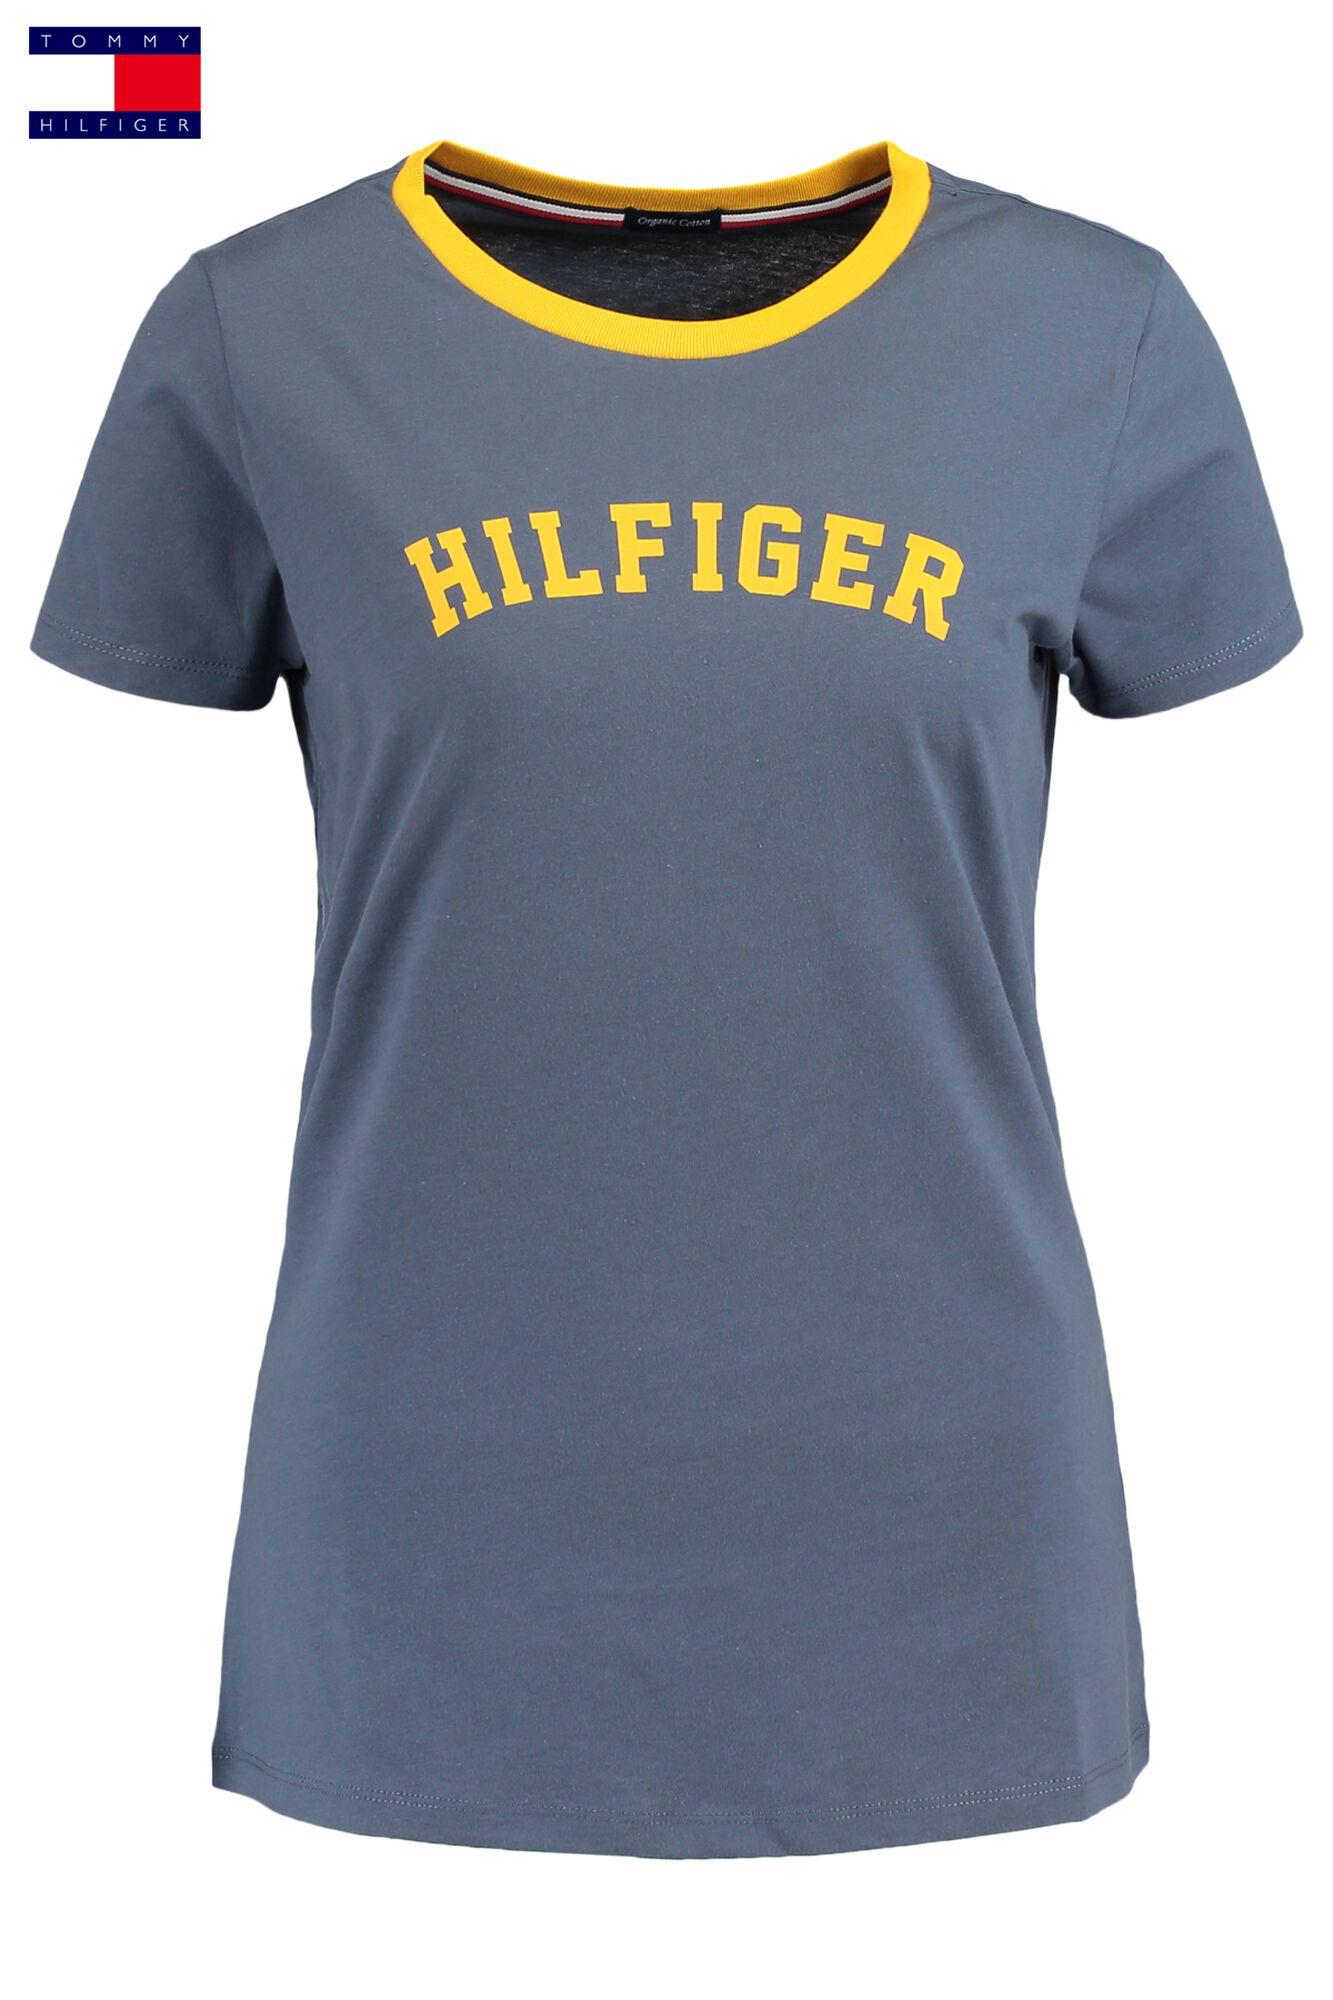 ba9519f22e80f4 Dames T-shirt Tommy Hilfiger Blauw Kopen Online